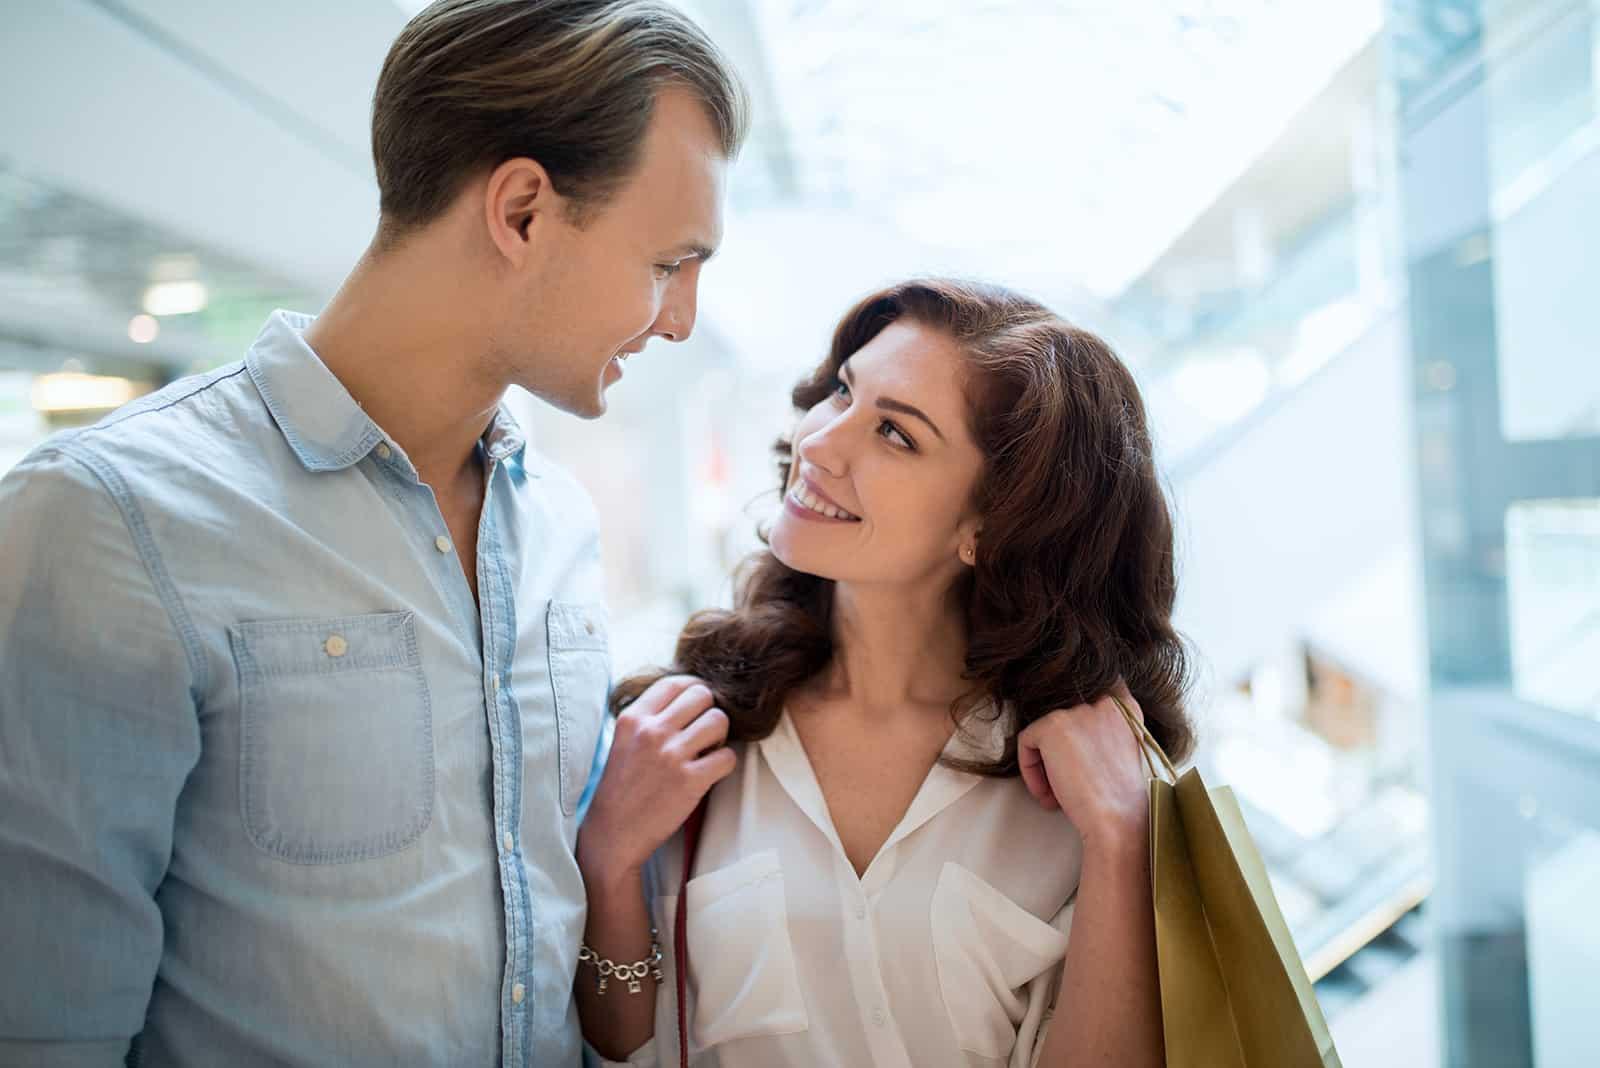 Ein Mann und eine lächelnde Frau sehen sich beim gemeinsamen Gehen an